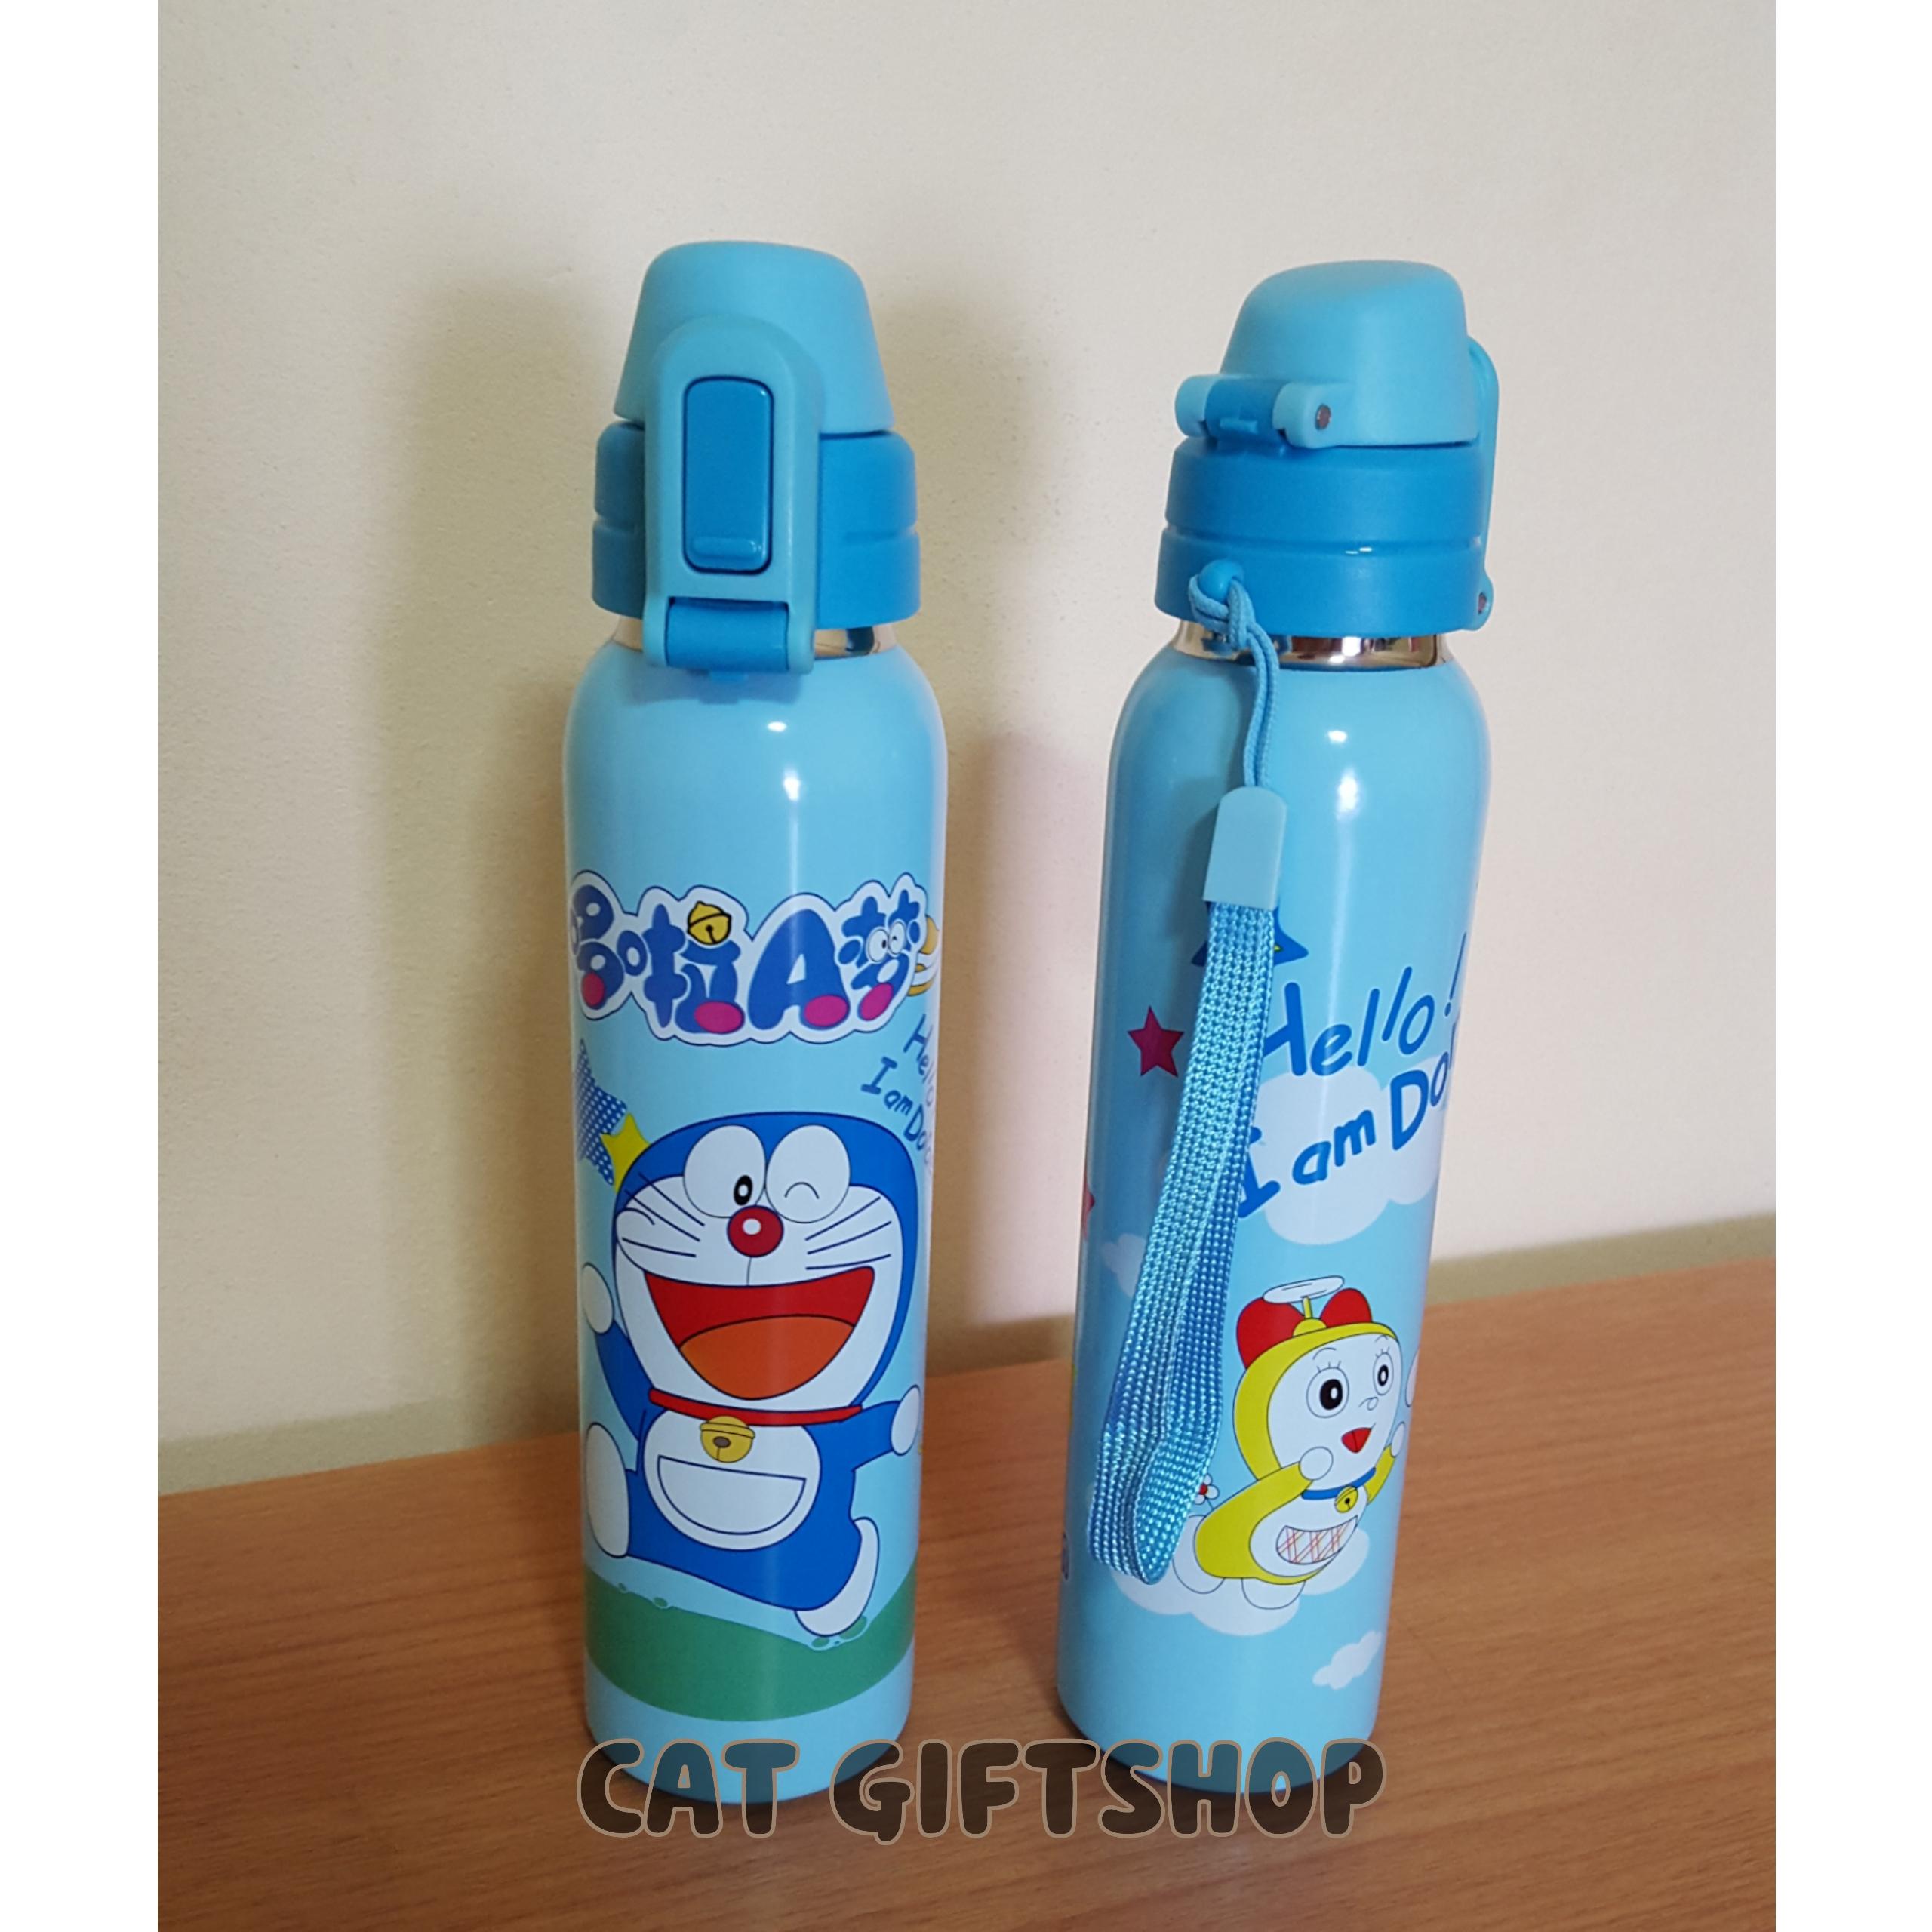 พร้อมส่ง :: กระบอกน้ำร้อน-เย็น Doraemon 200 ml.